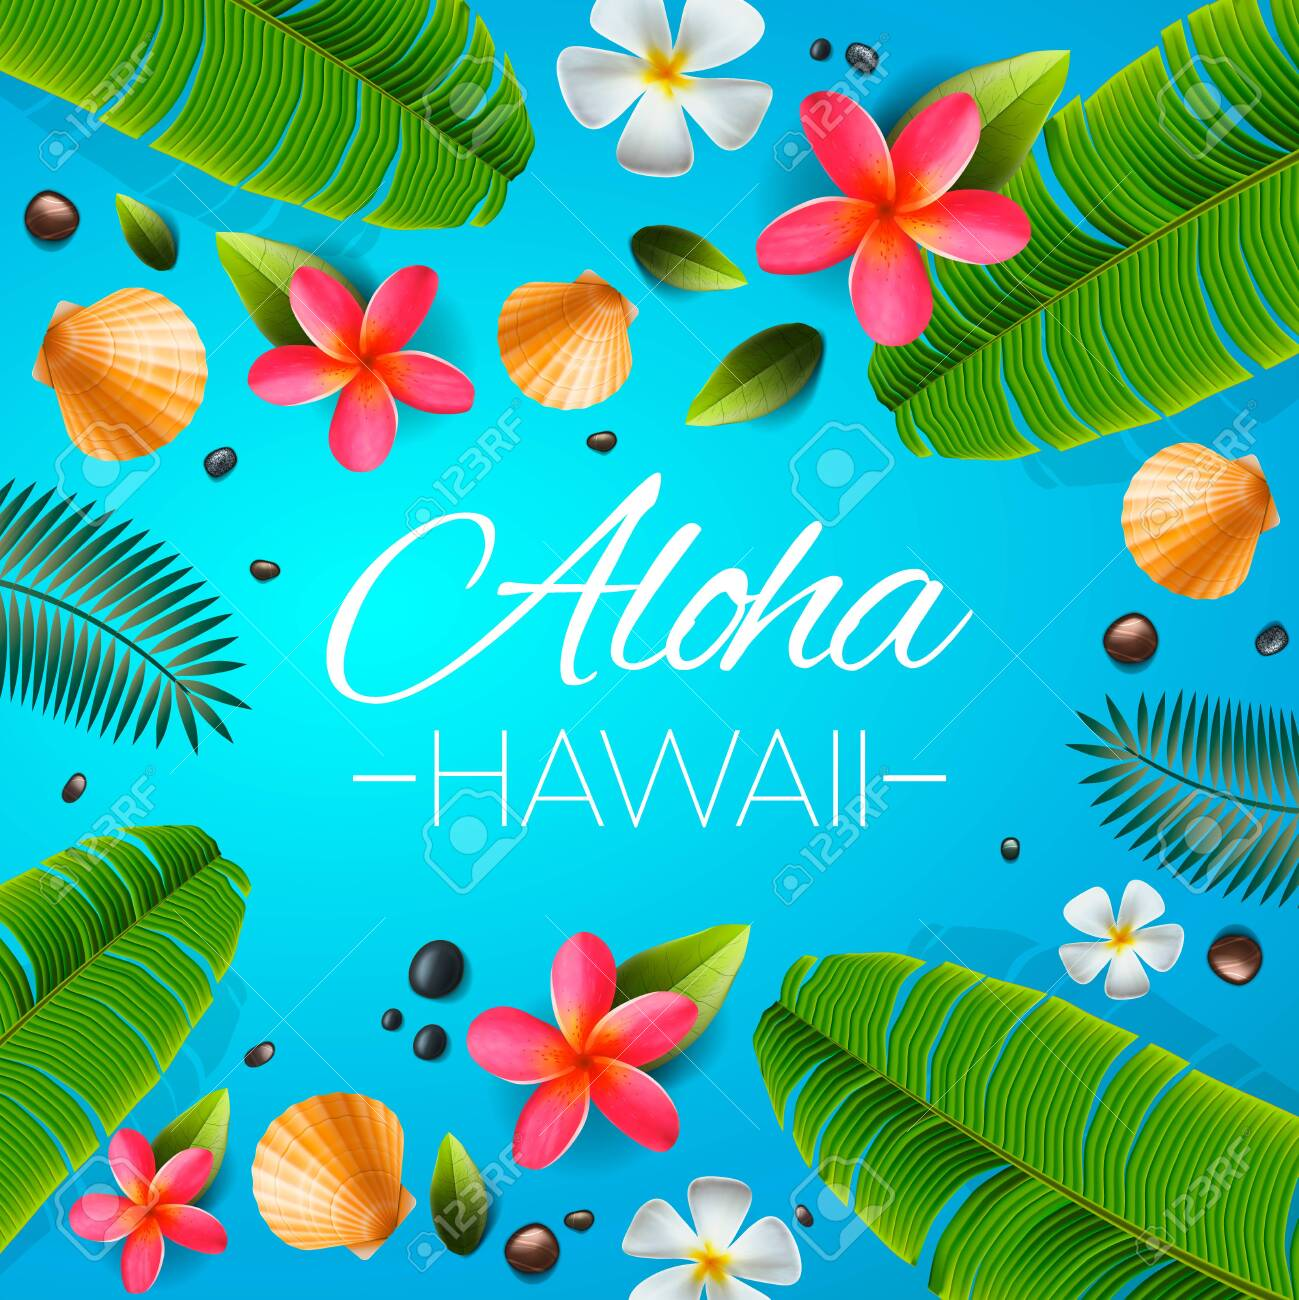 Aloha Hawaii Background Tropical Plants Leaves And Flowers 1299x1300